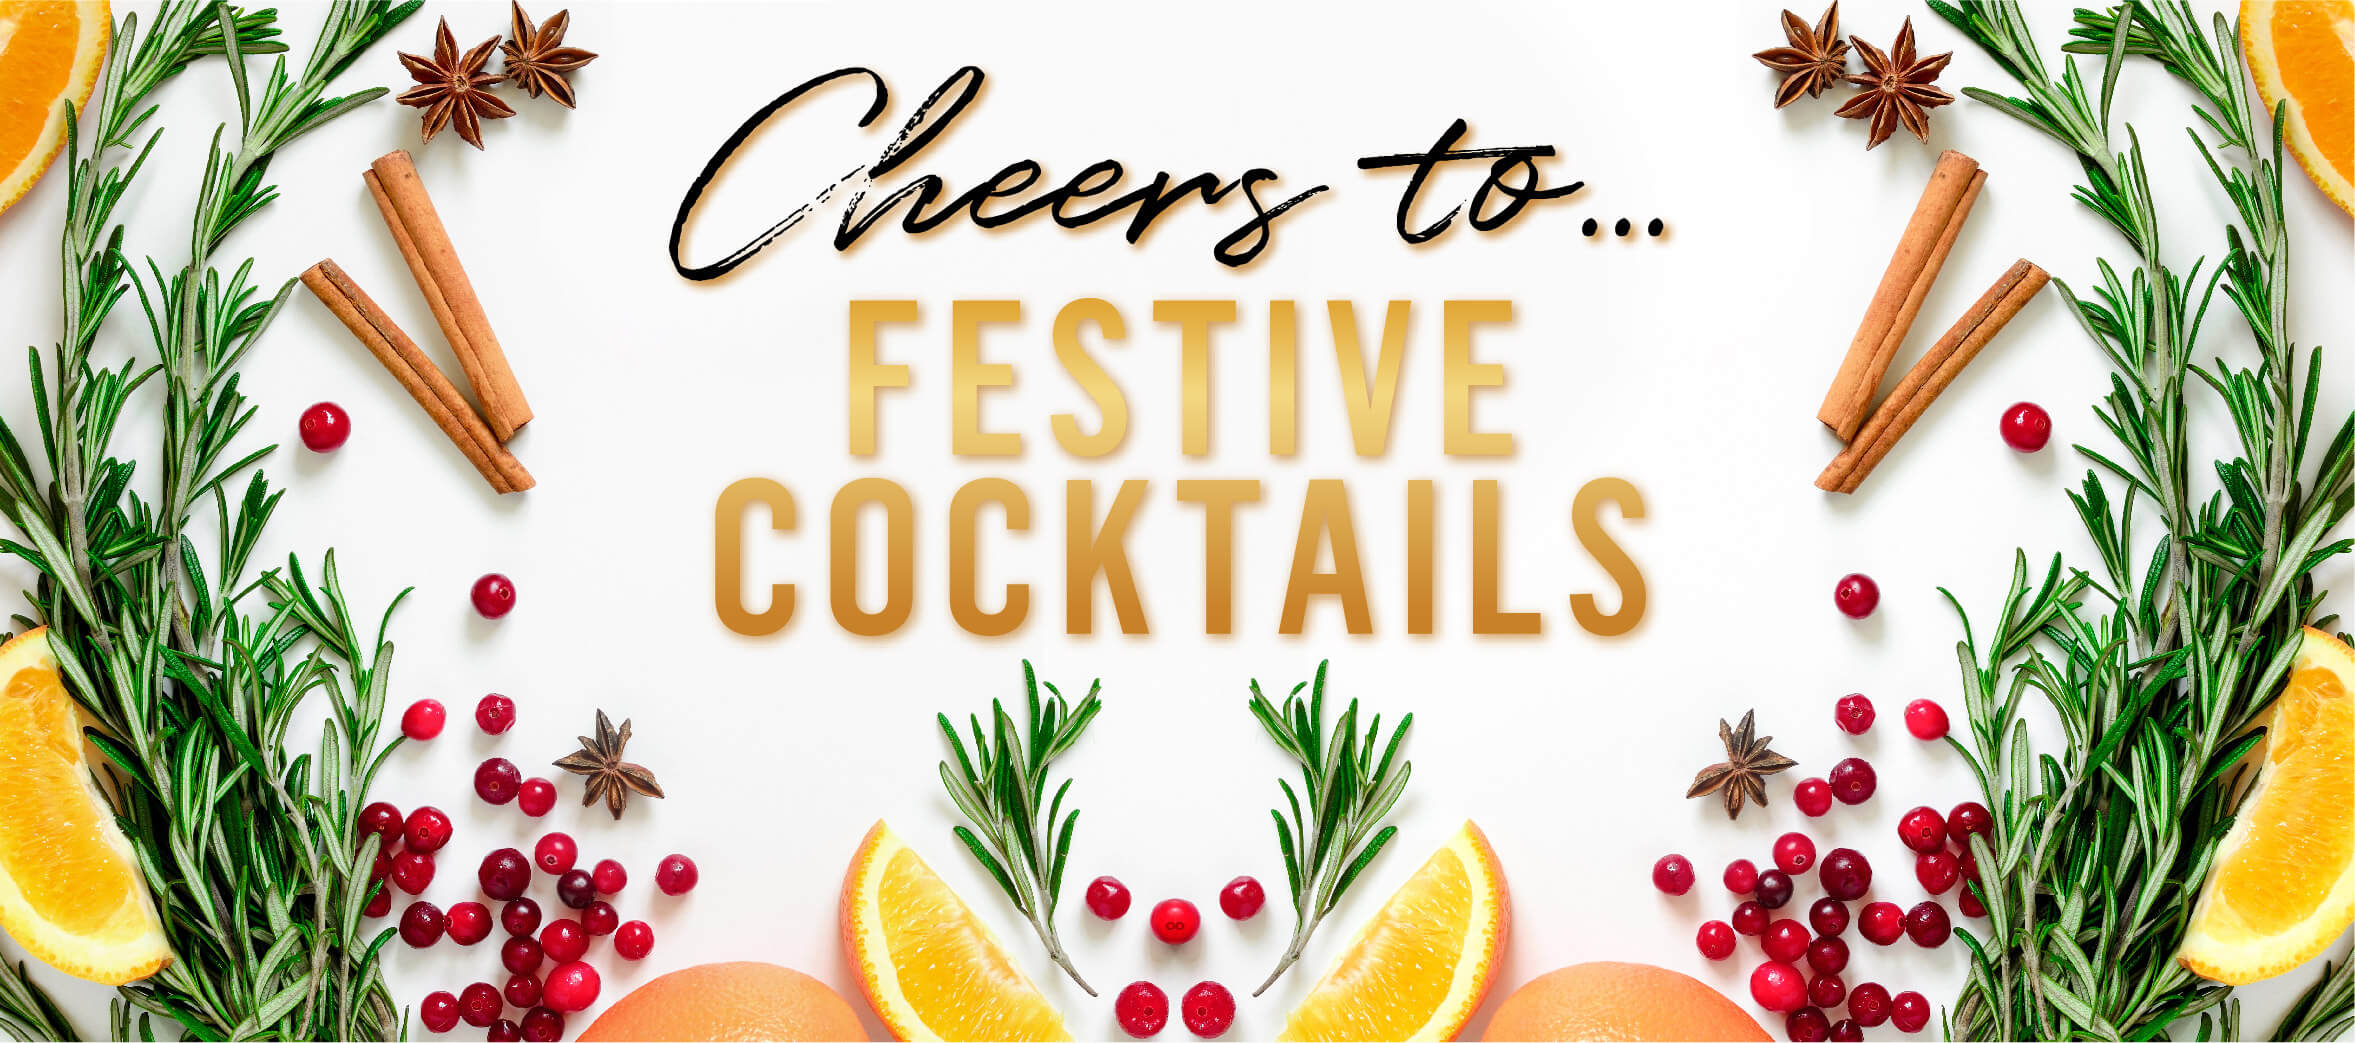 p7-20-festive-cocktails-header-en